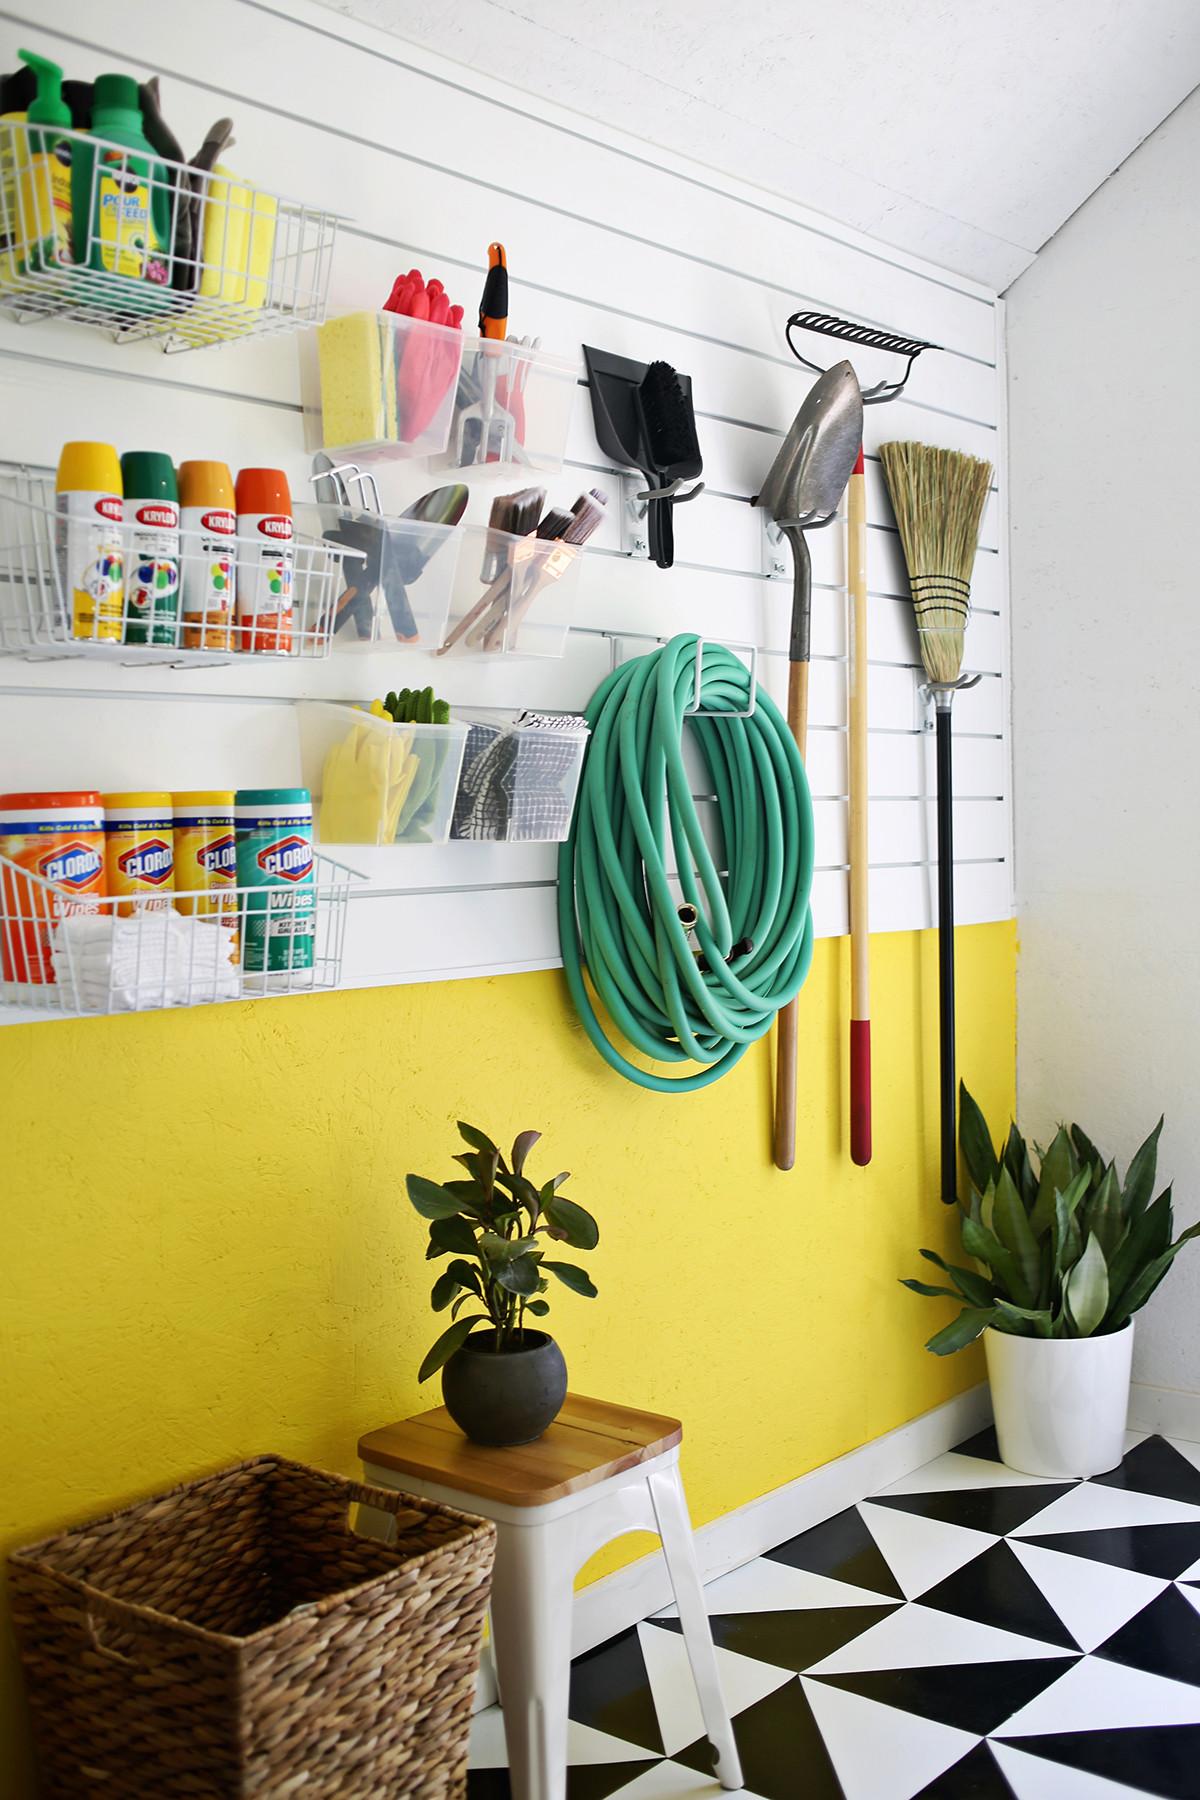 Garage Organizer Ideas Diy  25 Garage Storage Ideas That Will Make Your Life So Much